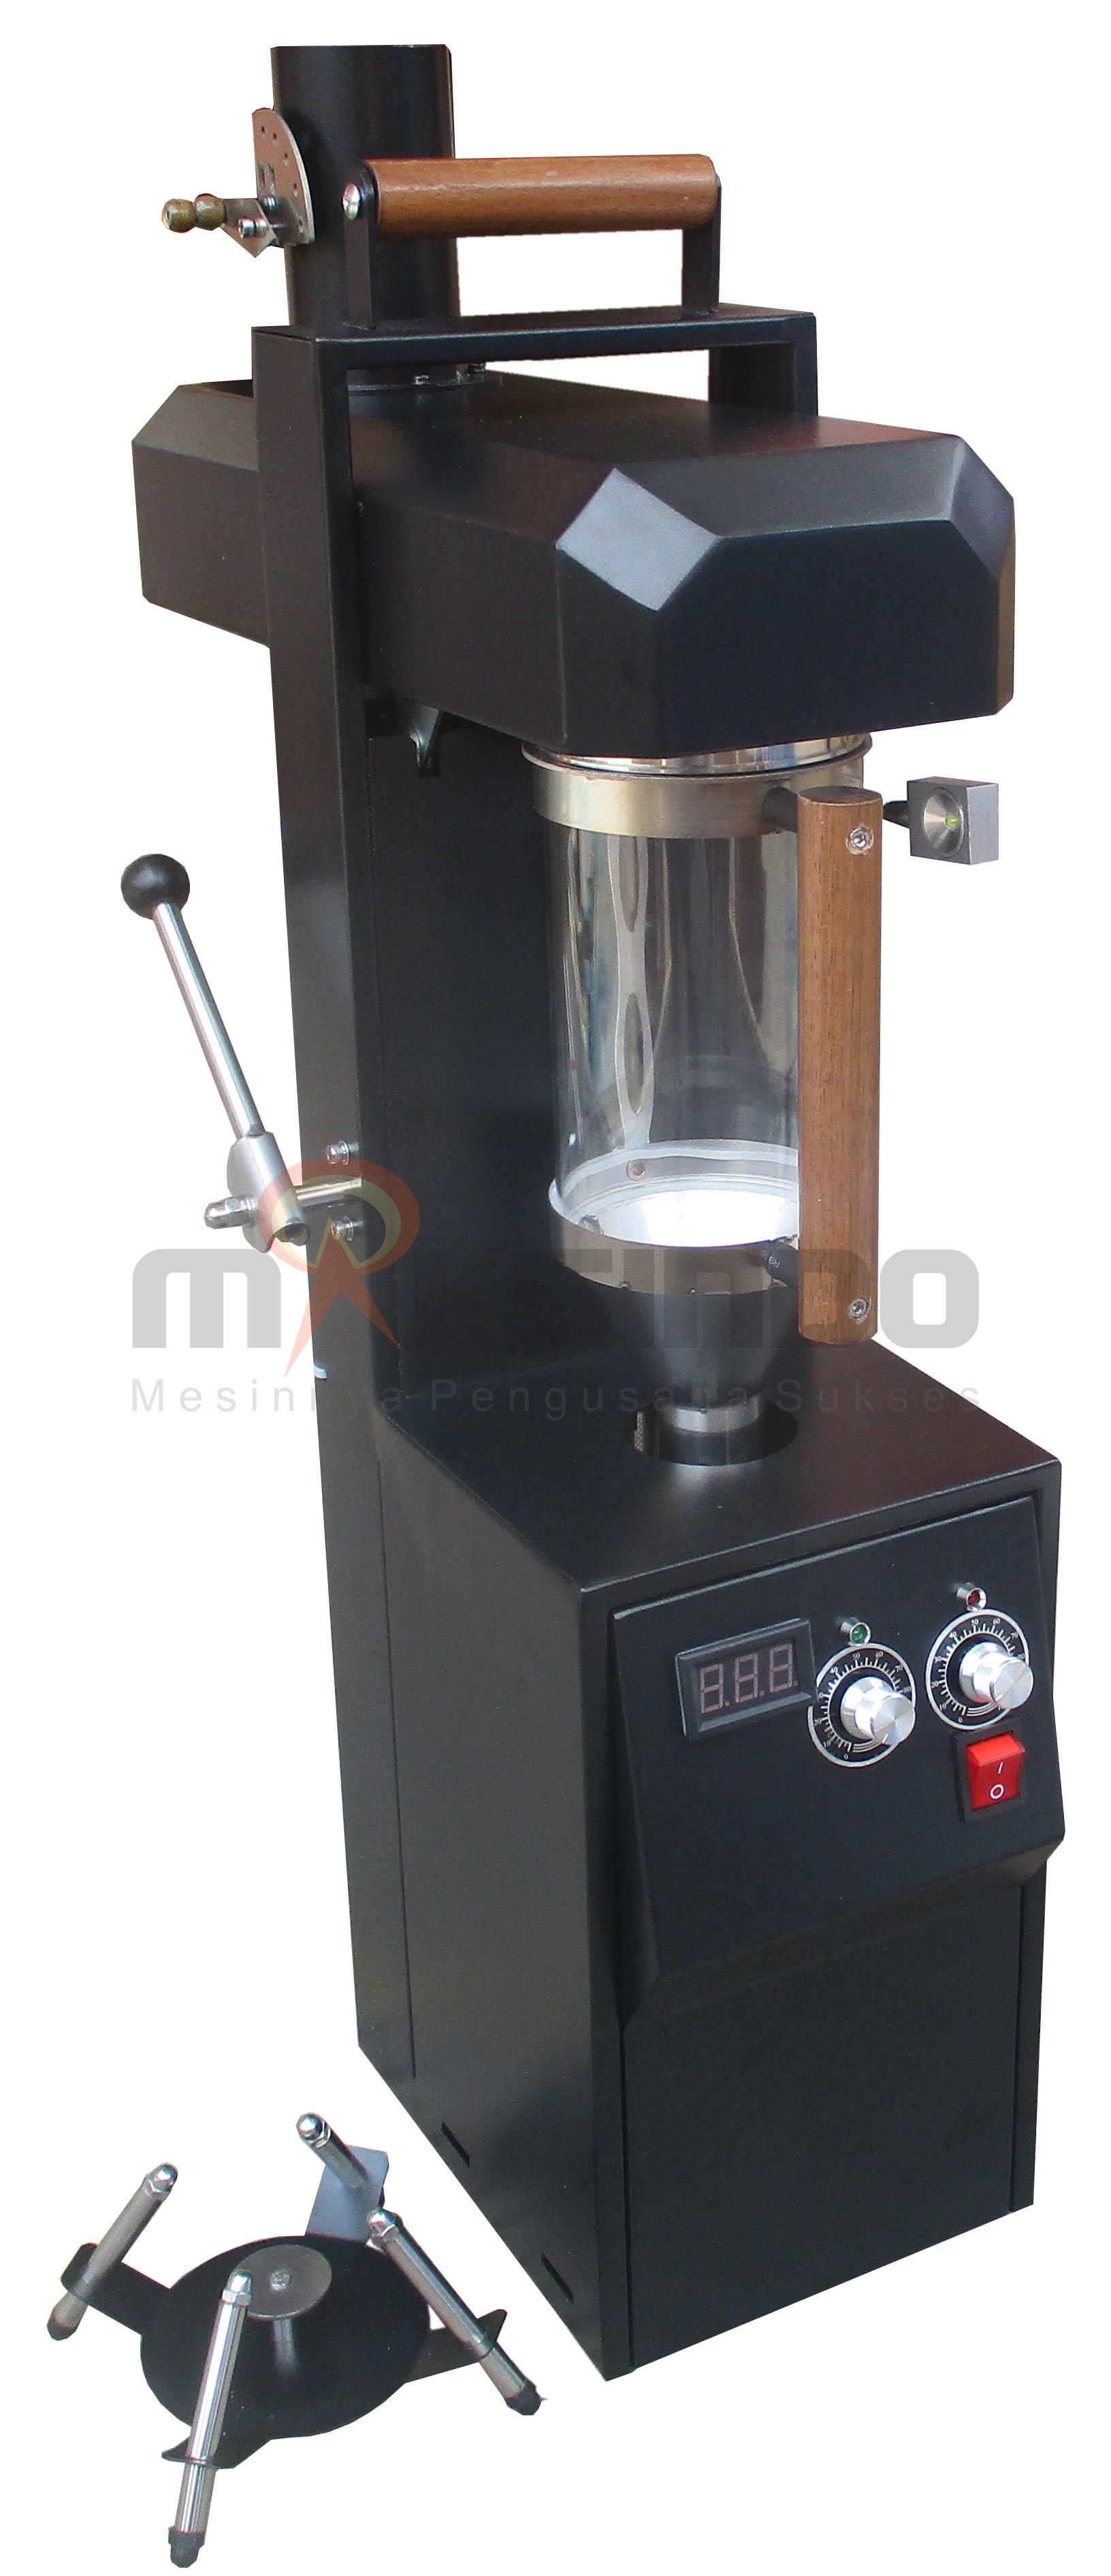 Jual Mesin Sangrai Kopi Listrik (Coffee Roaster) MKS-CRE200 di Yogyakarta